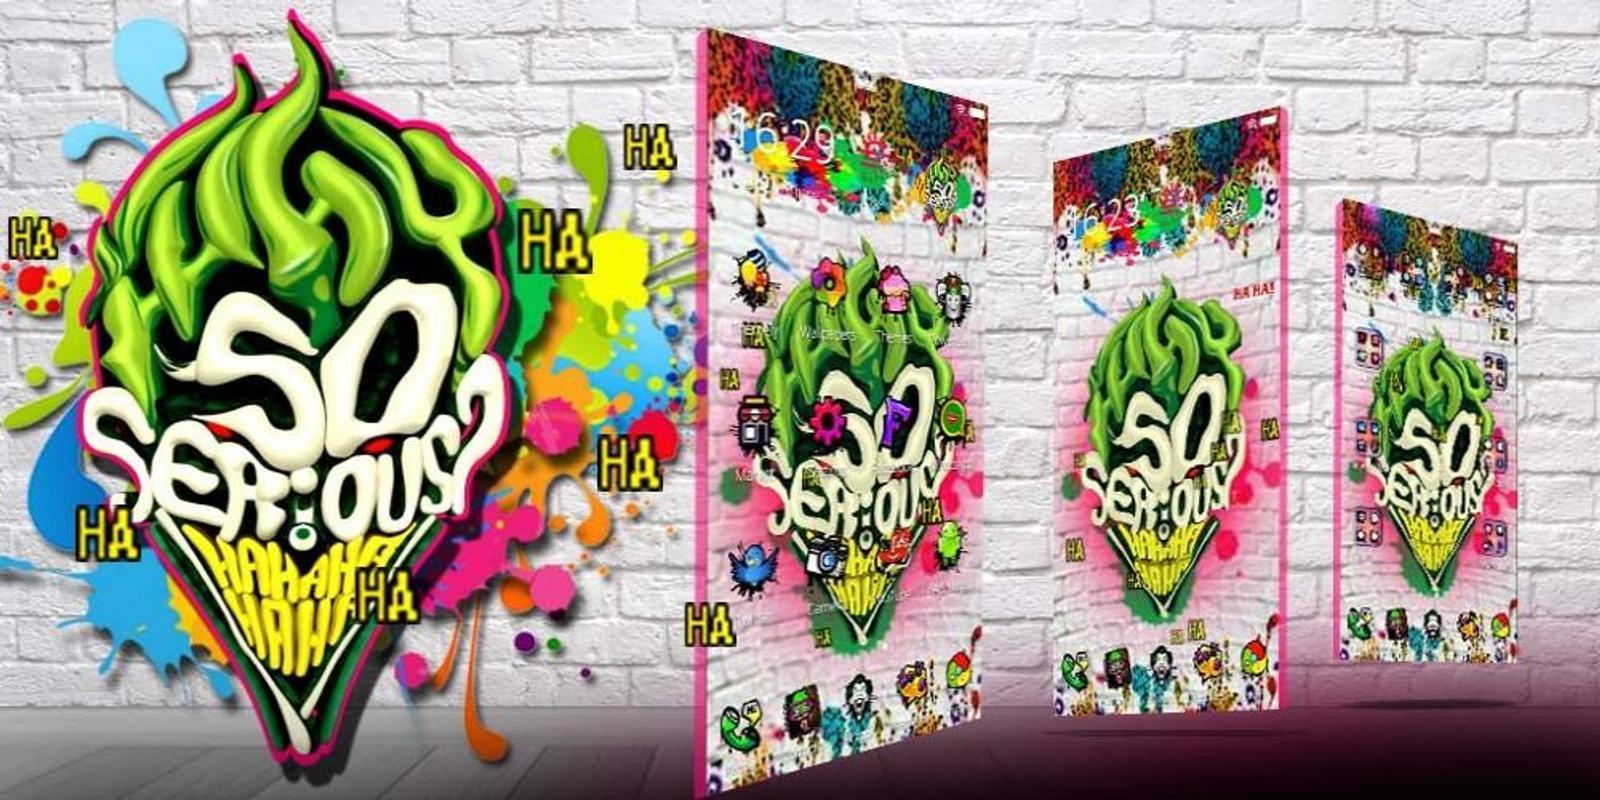 Android Için 3d Graffiti Joker Apkyı Indir